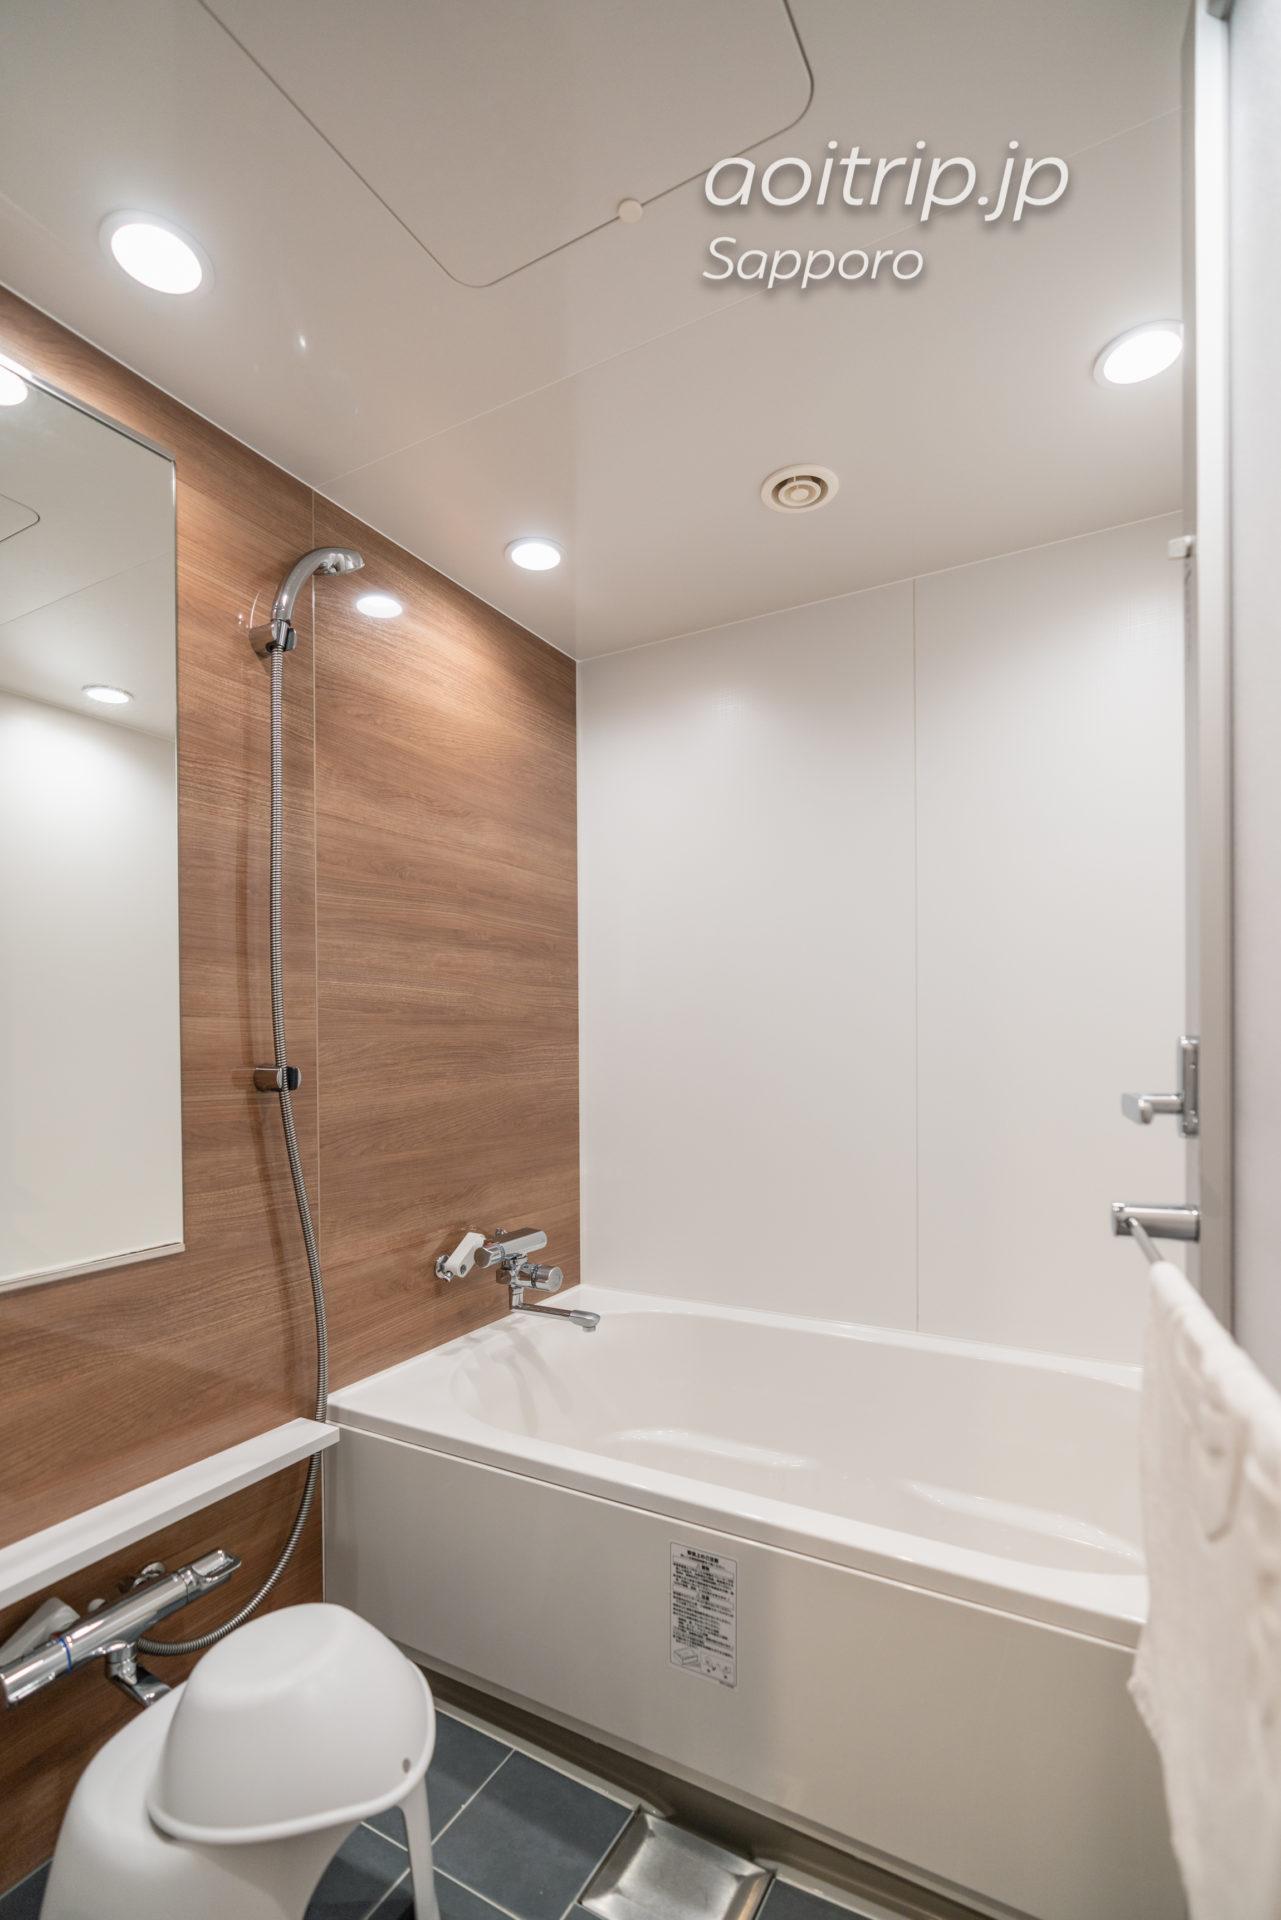 JRイン札幌南口プレミアツインのバスルーム